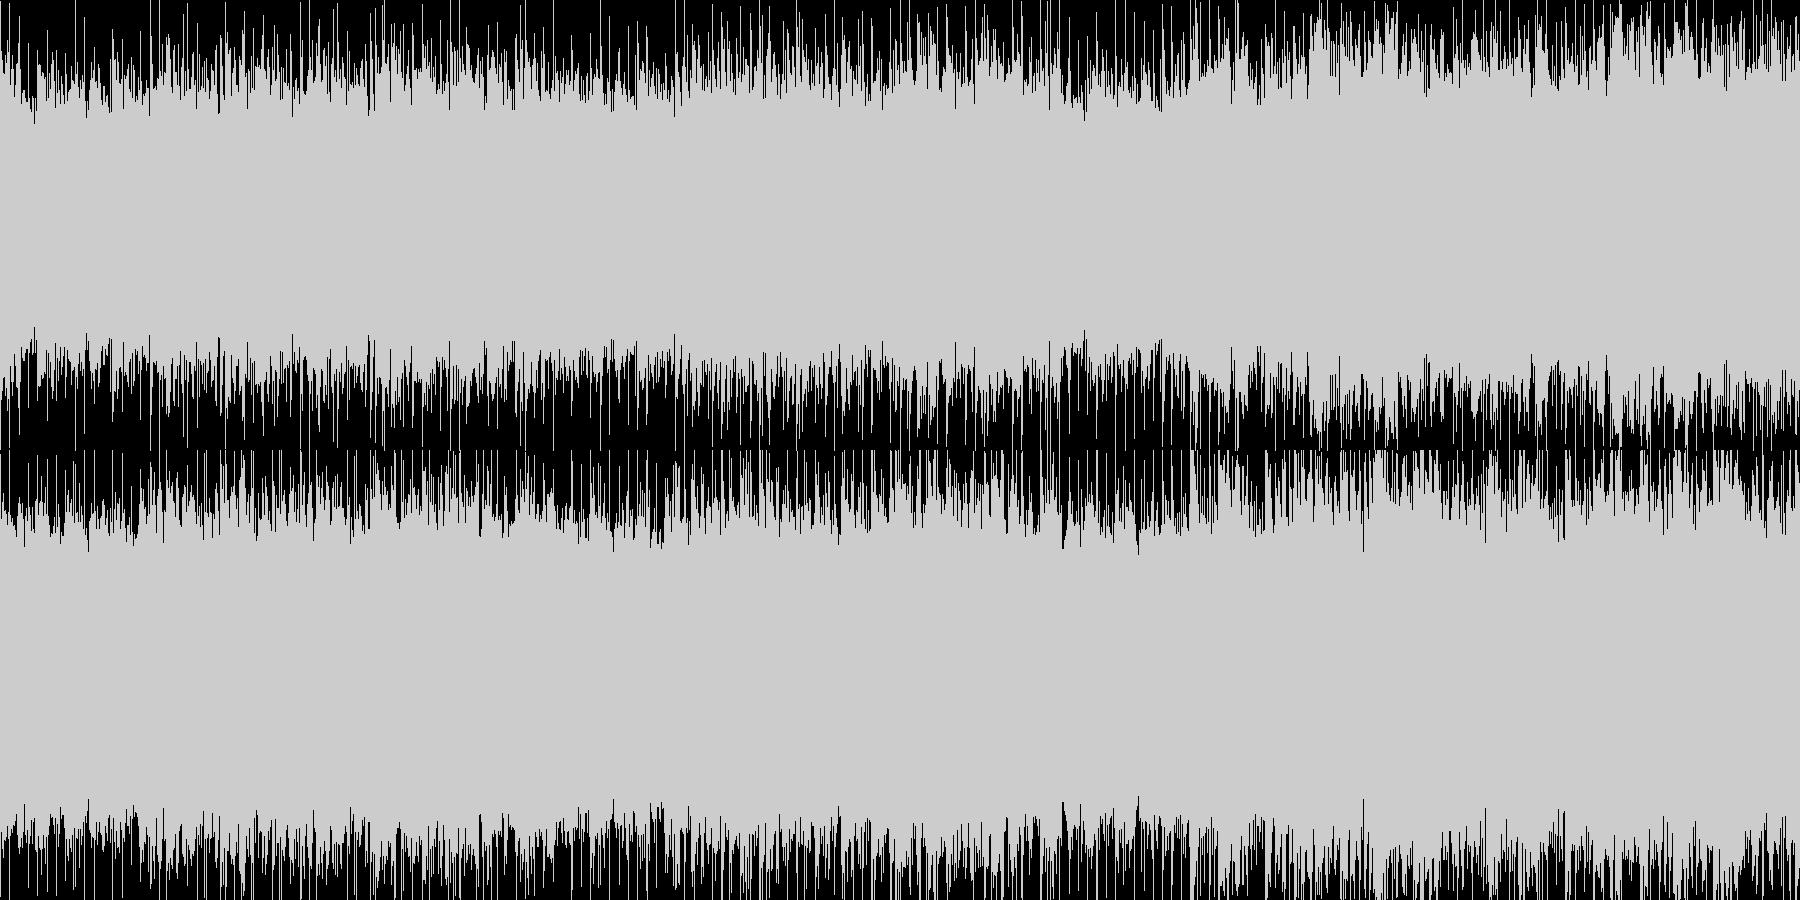 爽やか/幸福感/ピアノ/アコギ ループ版の未再生の波形